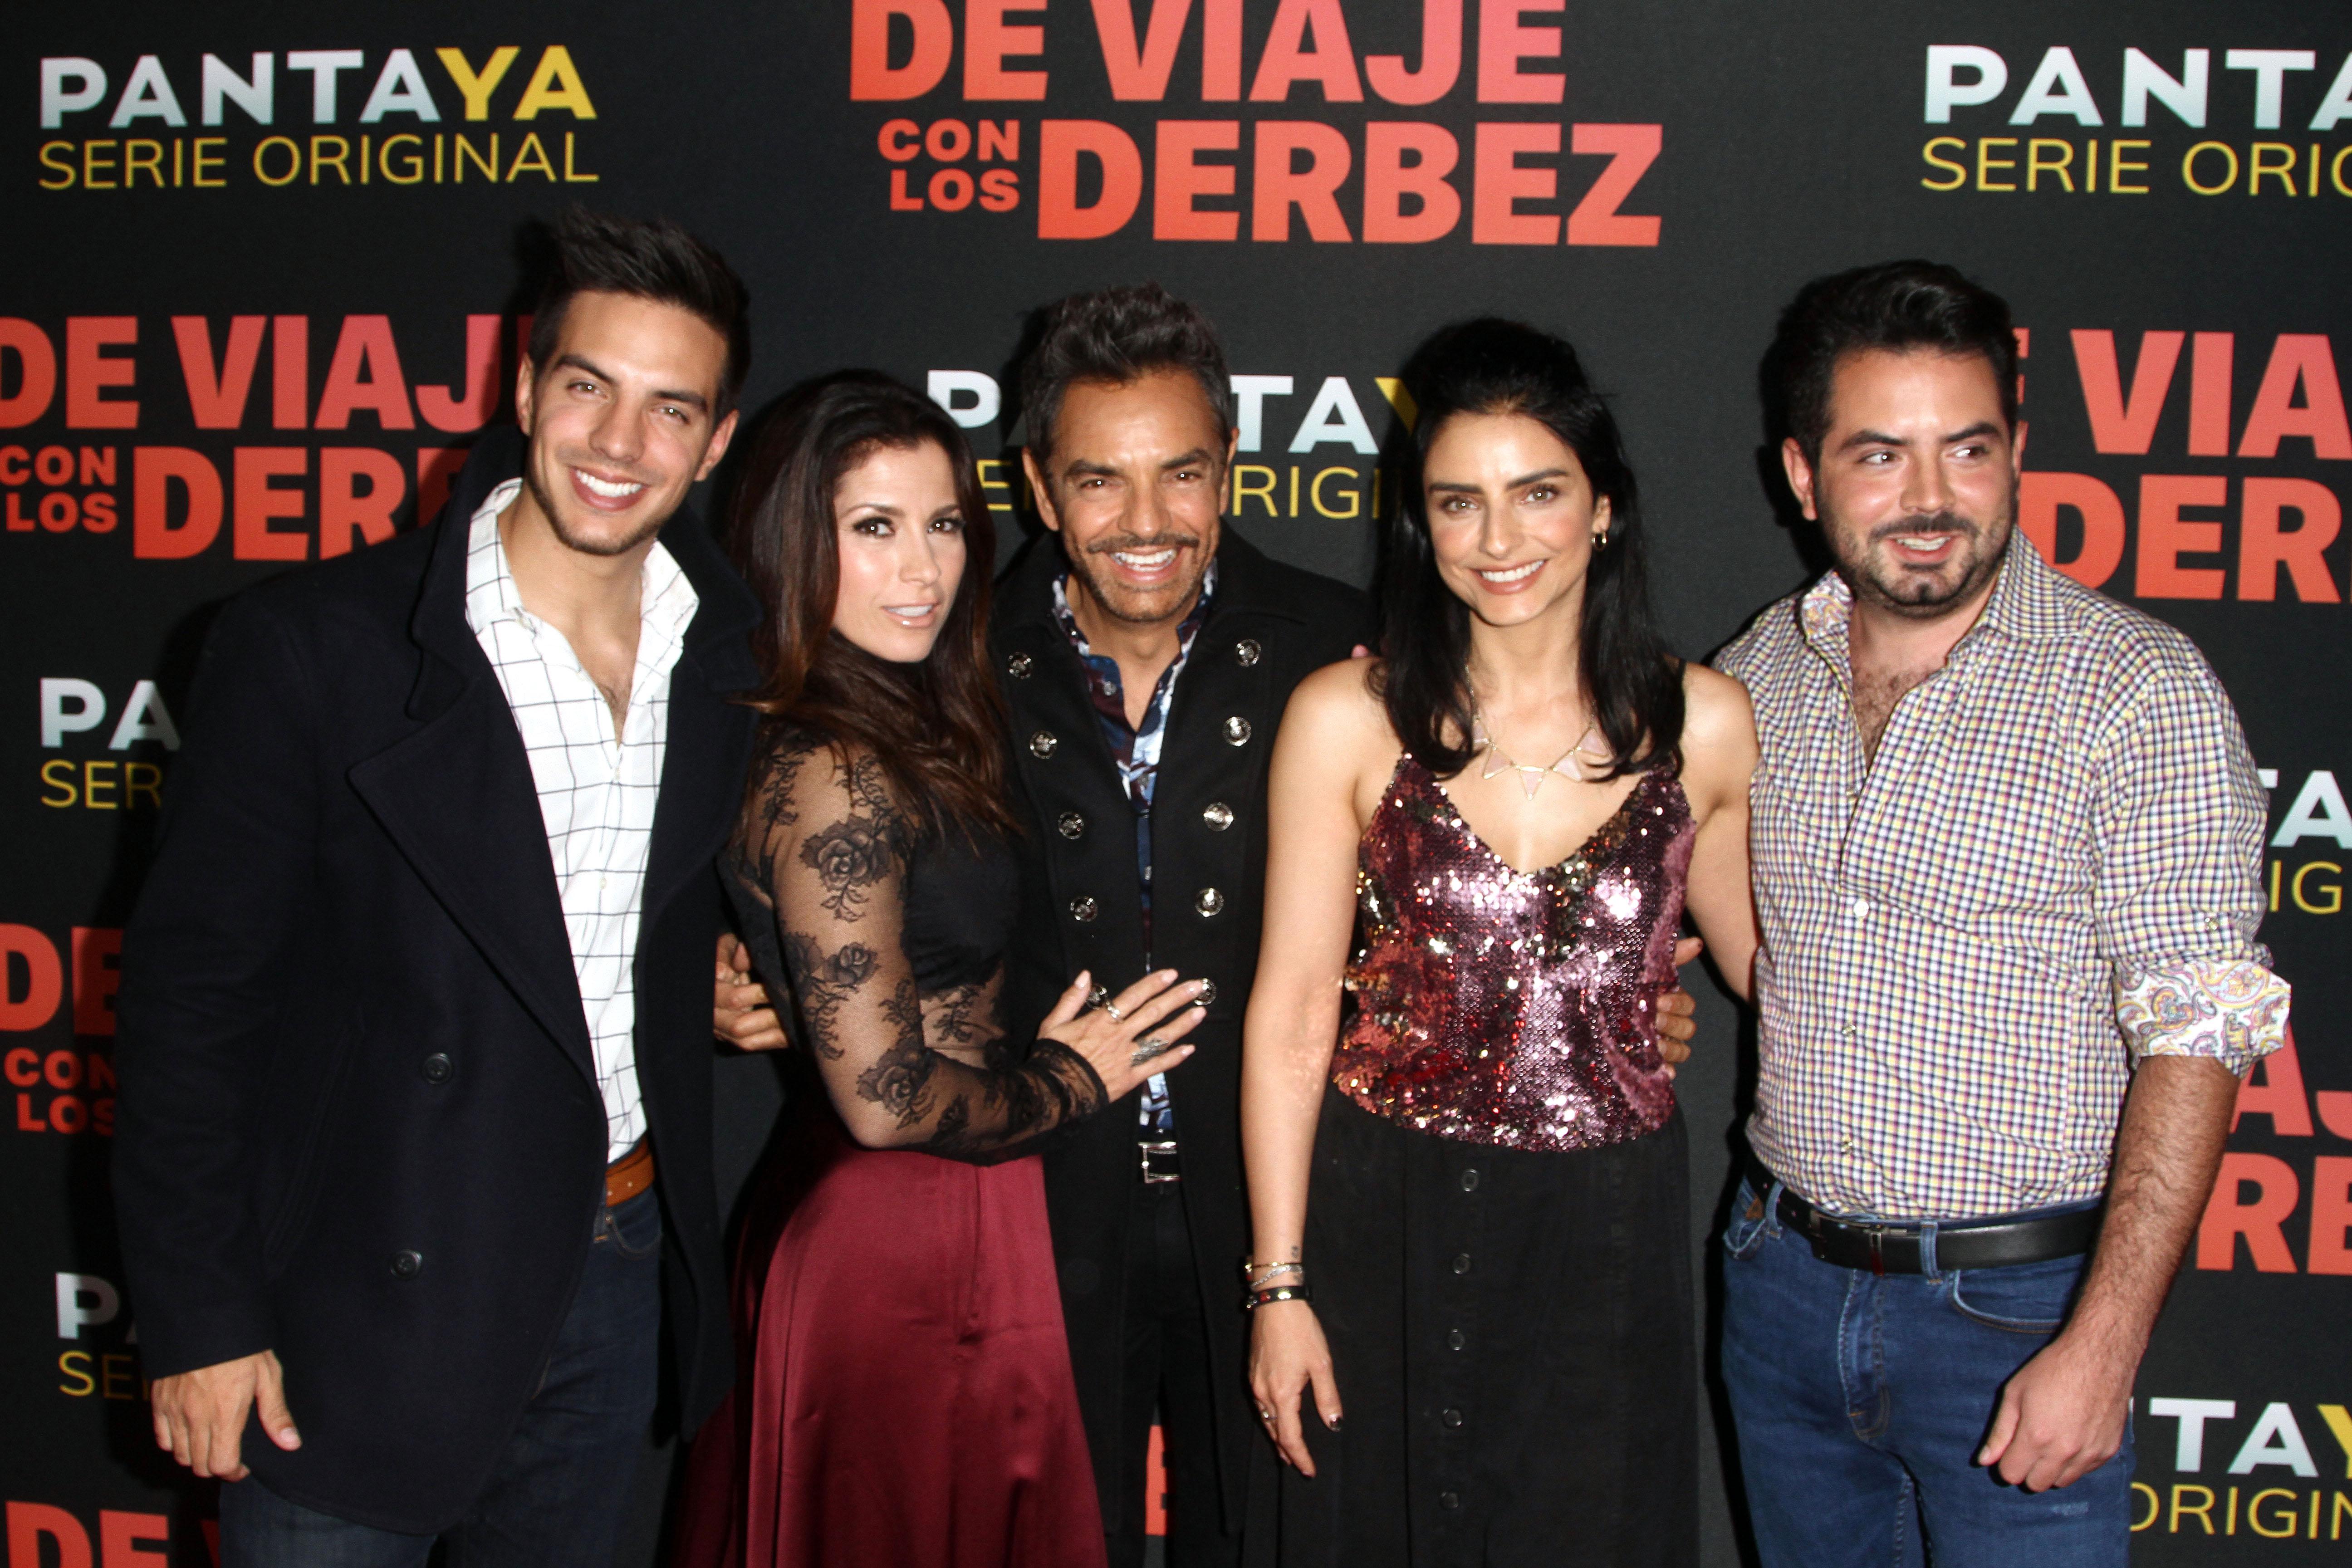 Vadhir Derbez, Alessandra Rosaldo, Aislinn Derbez , Eugenio Derbez, José Eduardo Derbez